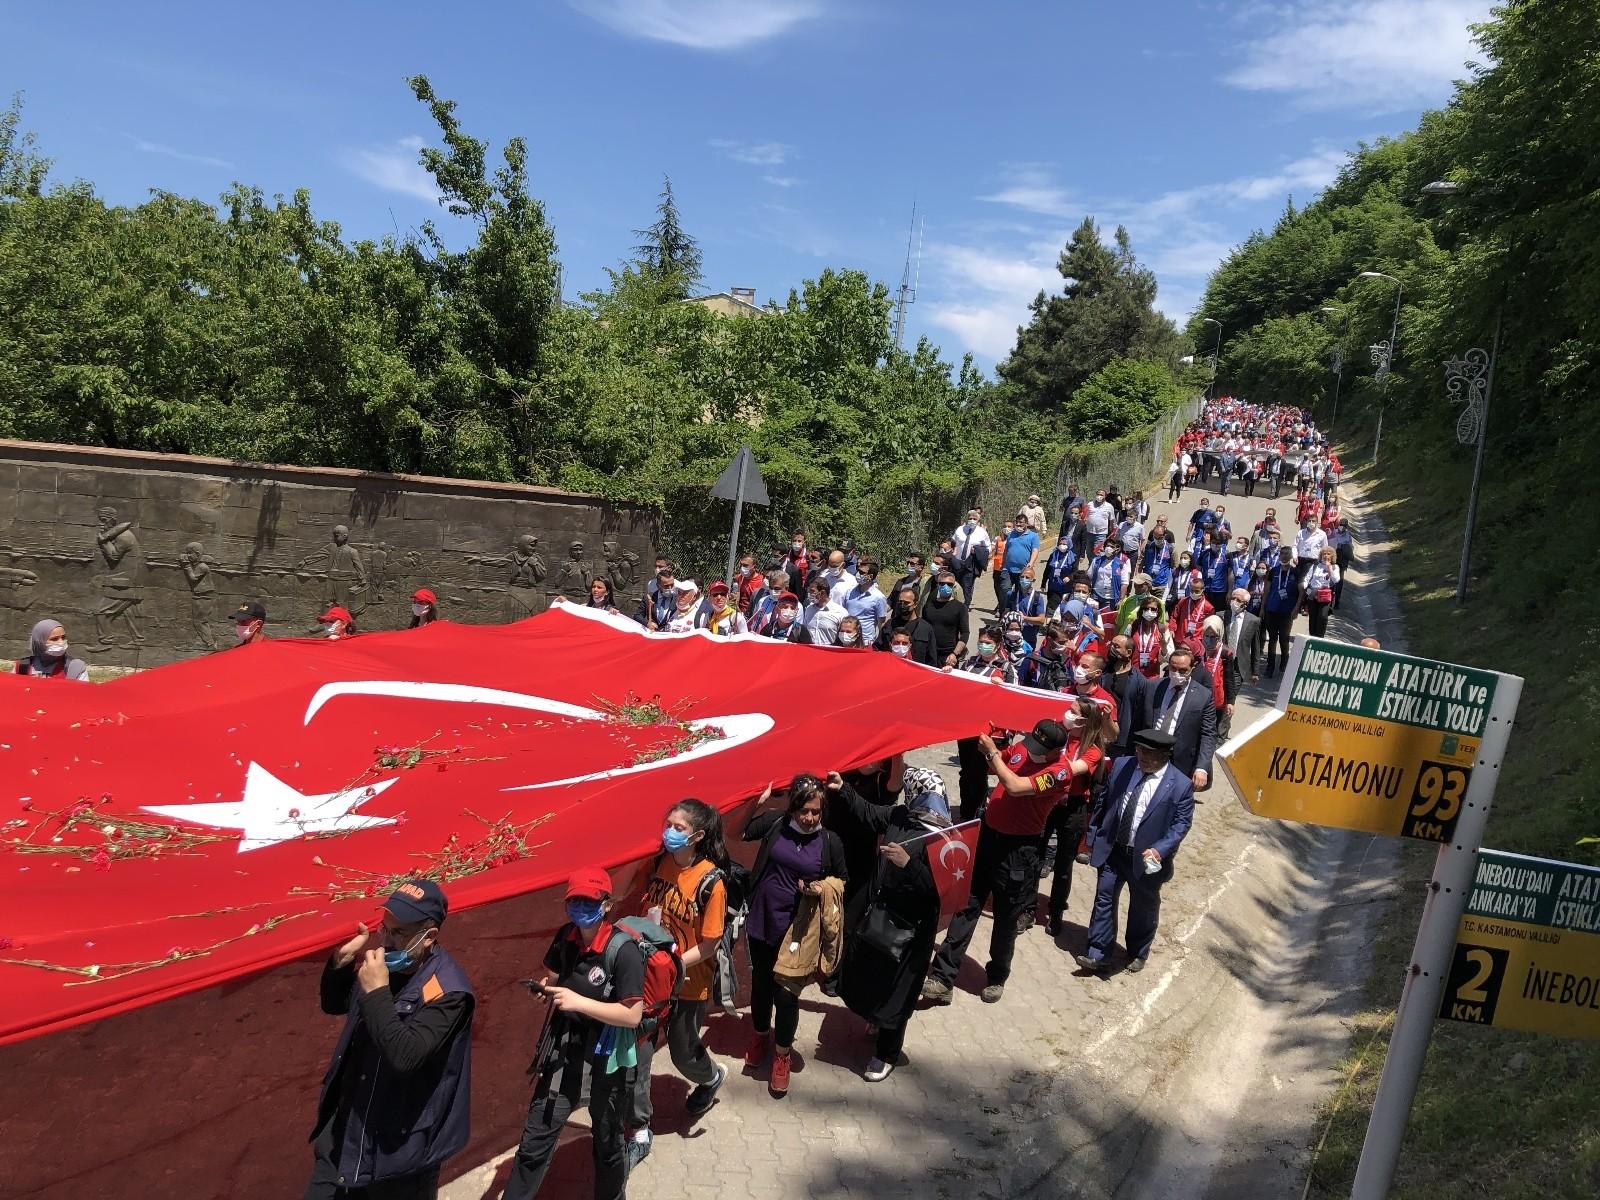 """İstiklale giden yolda """"Atatürk ve İstiklal Yolu Yürüyüşü"""" başladı"""